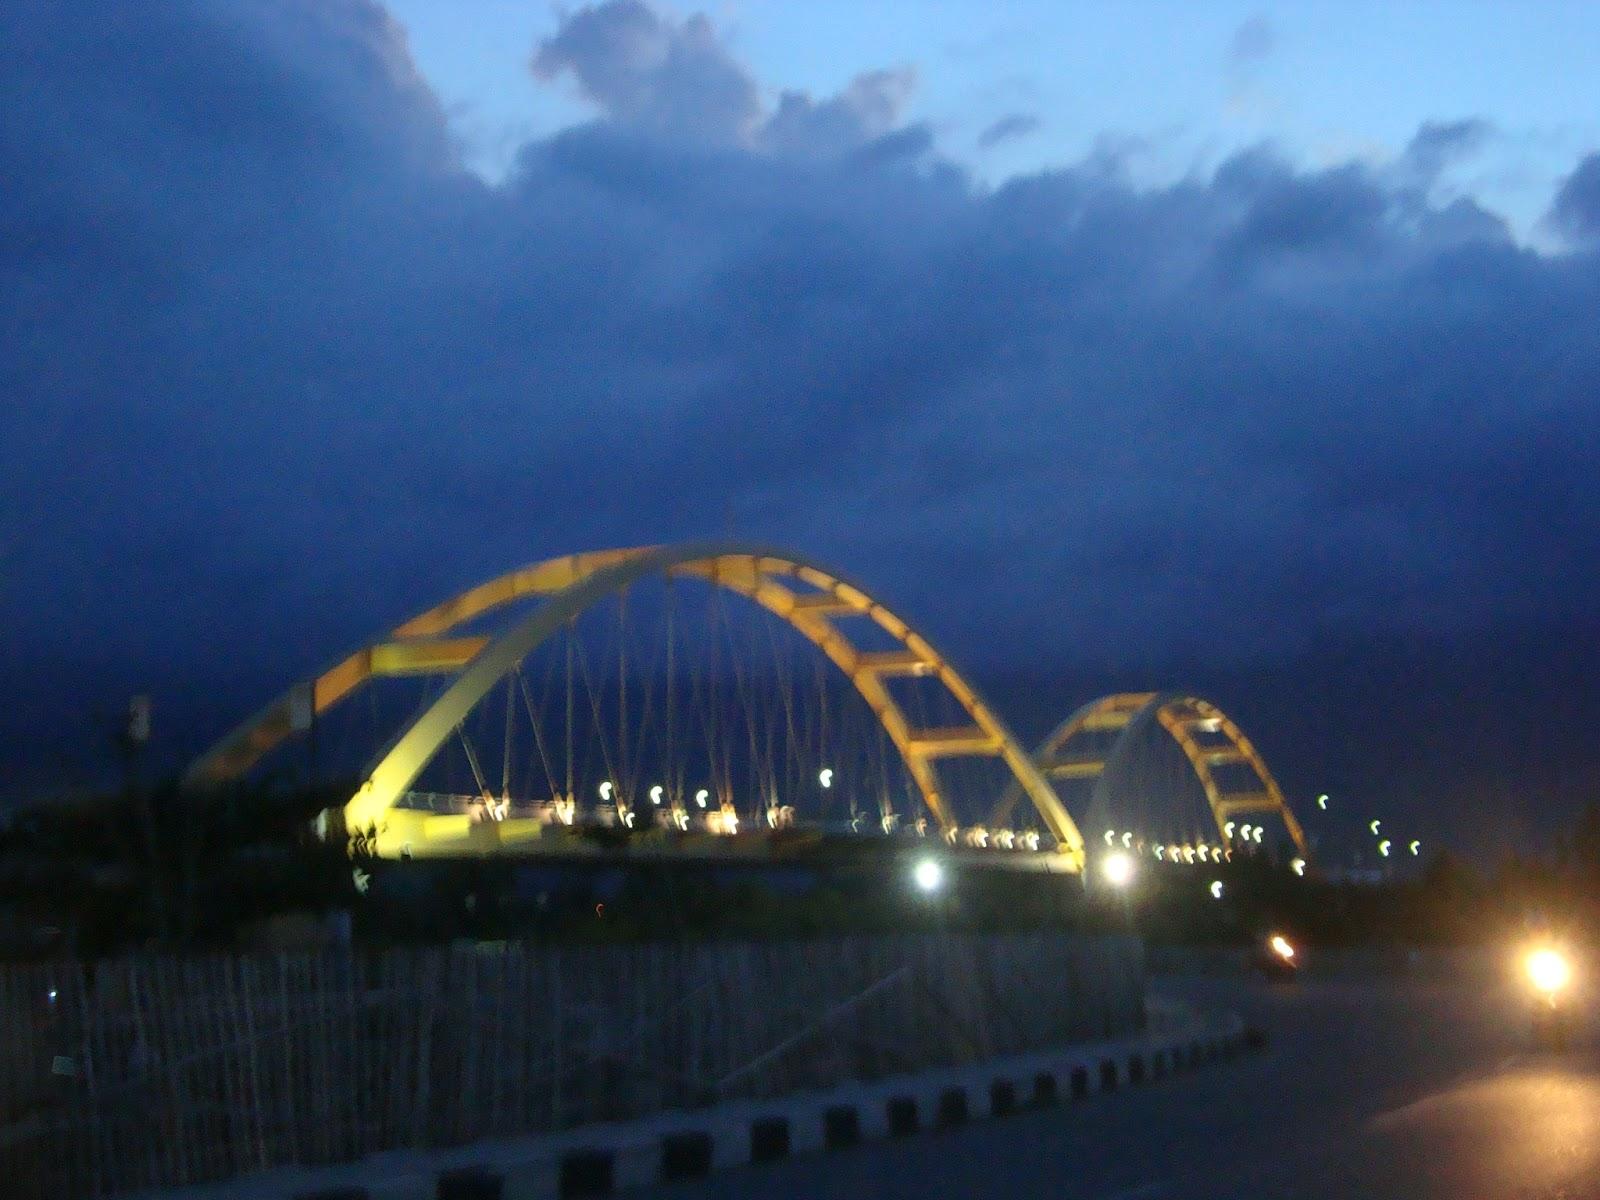 Wisata Alam Nusantara Kota Palu Jembatan Iv